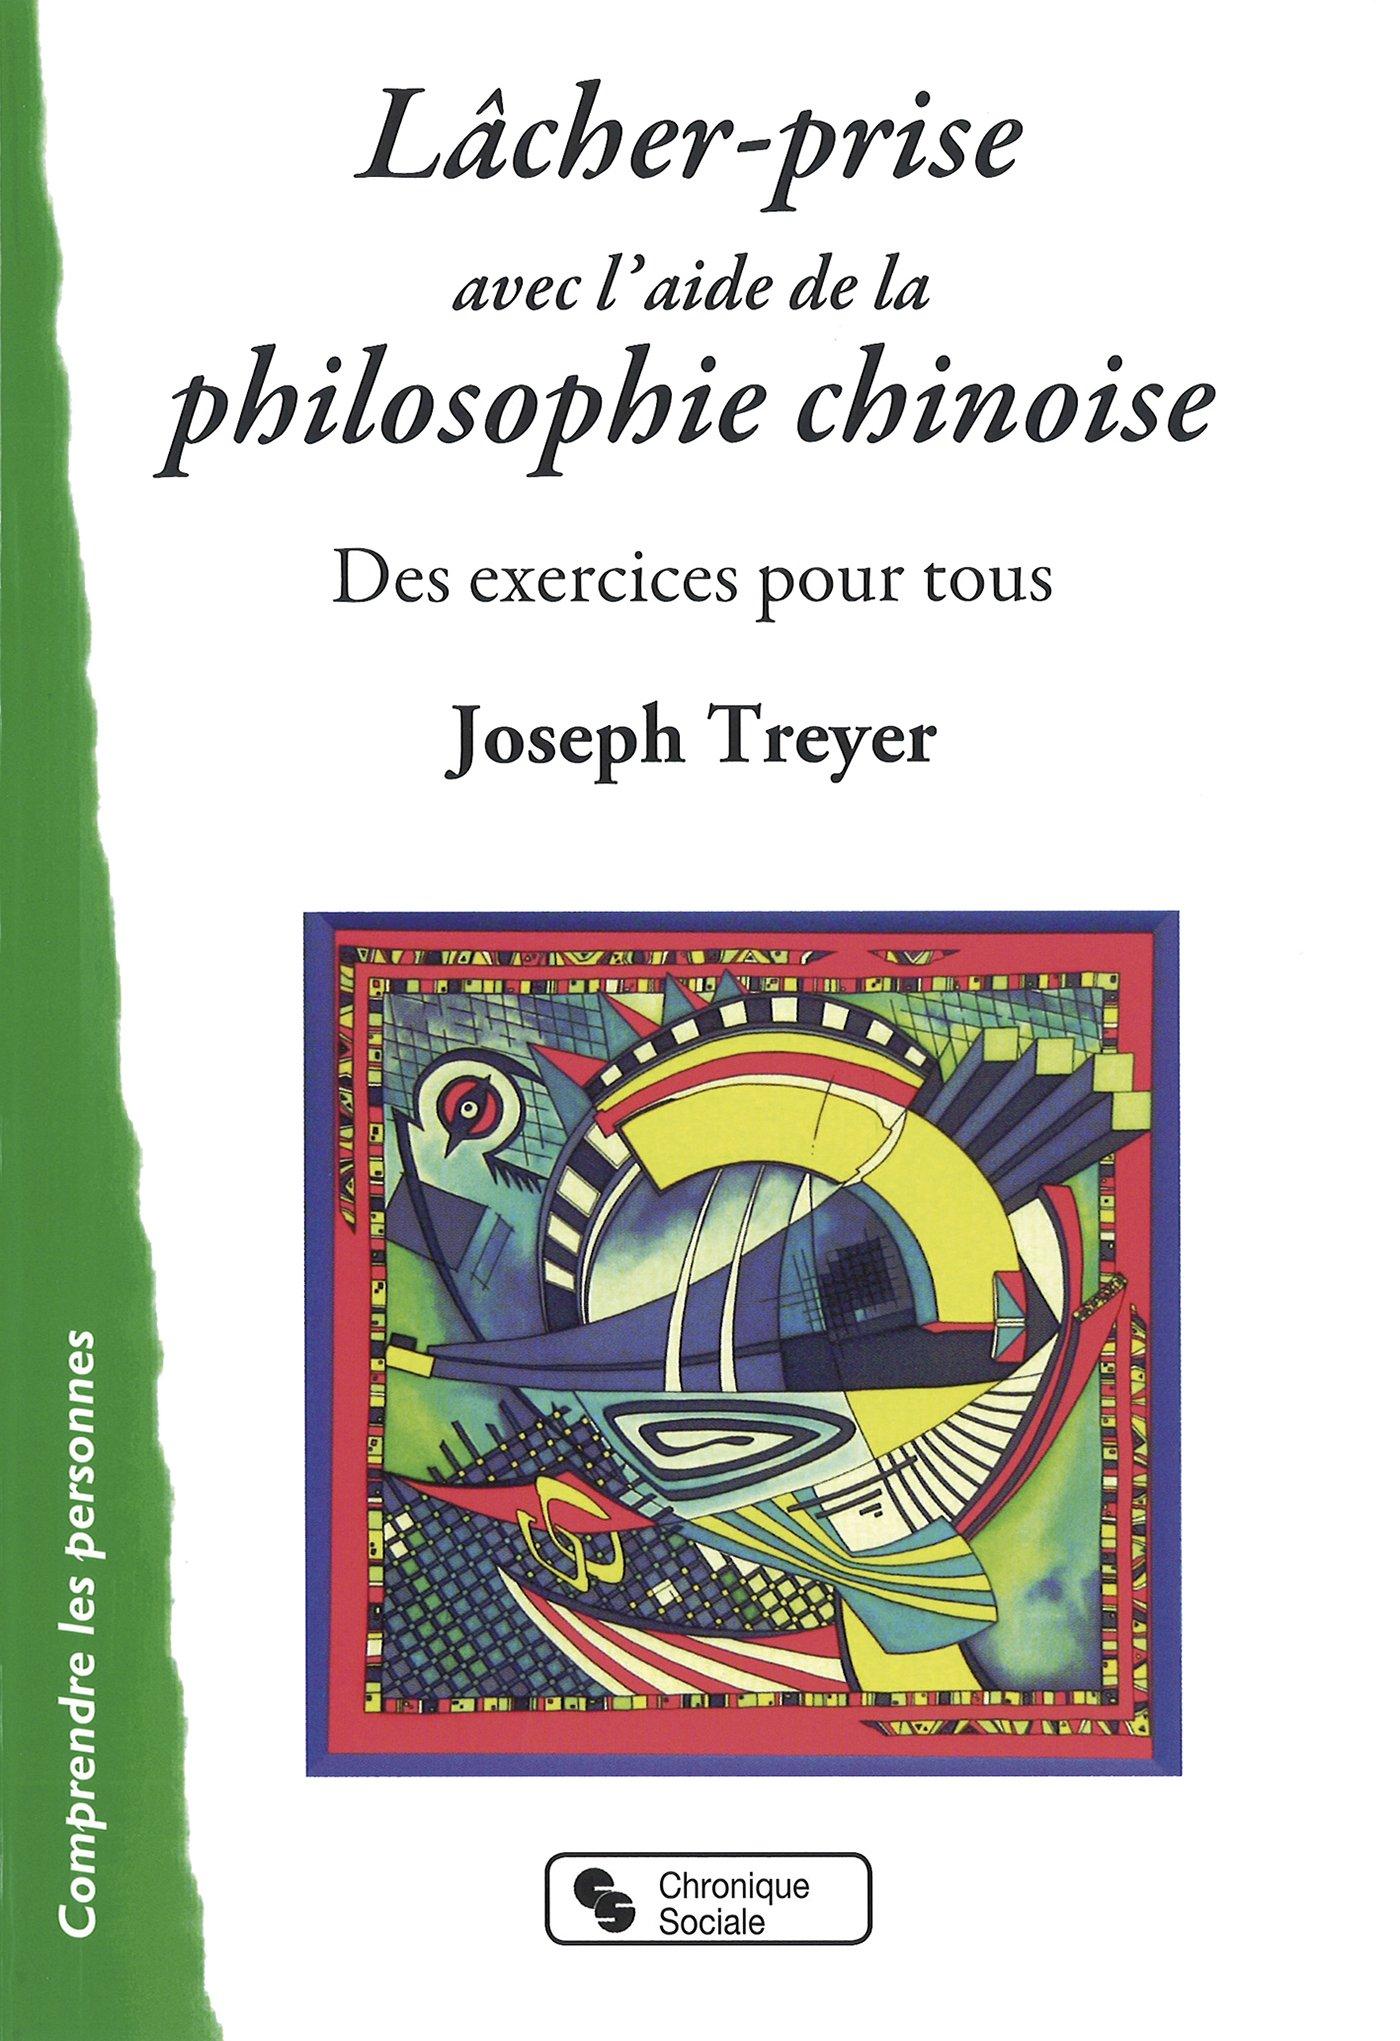 Le lcher prise avec la philosophie chinoise Broché – 13 mai 2015 Joseph Treyer Chronique Sociale 2367171378 Religion